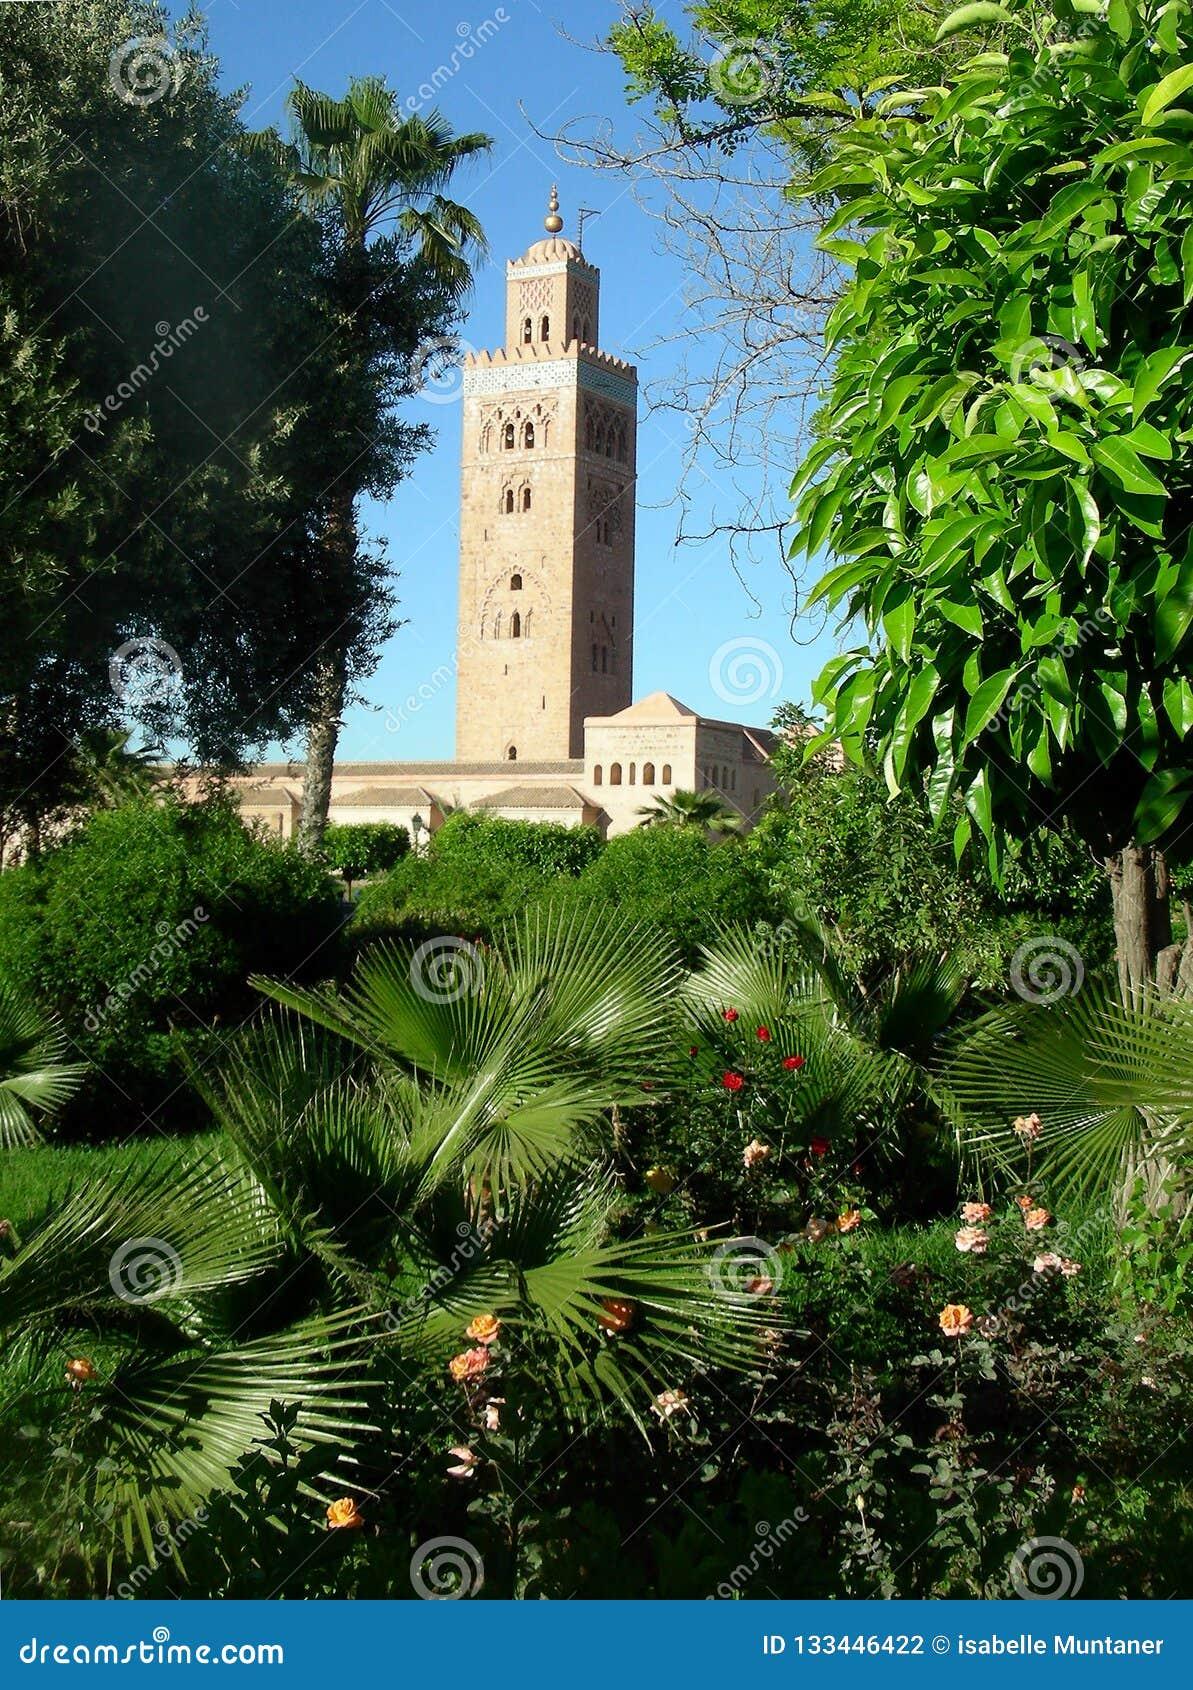 La mosquée de Koutoubia de Marrakech par la végétation verte du parc public, Marocco